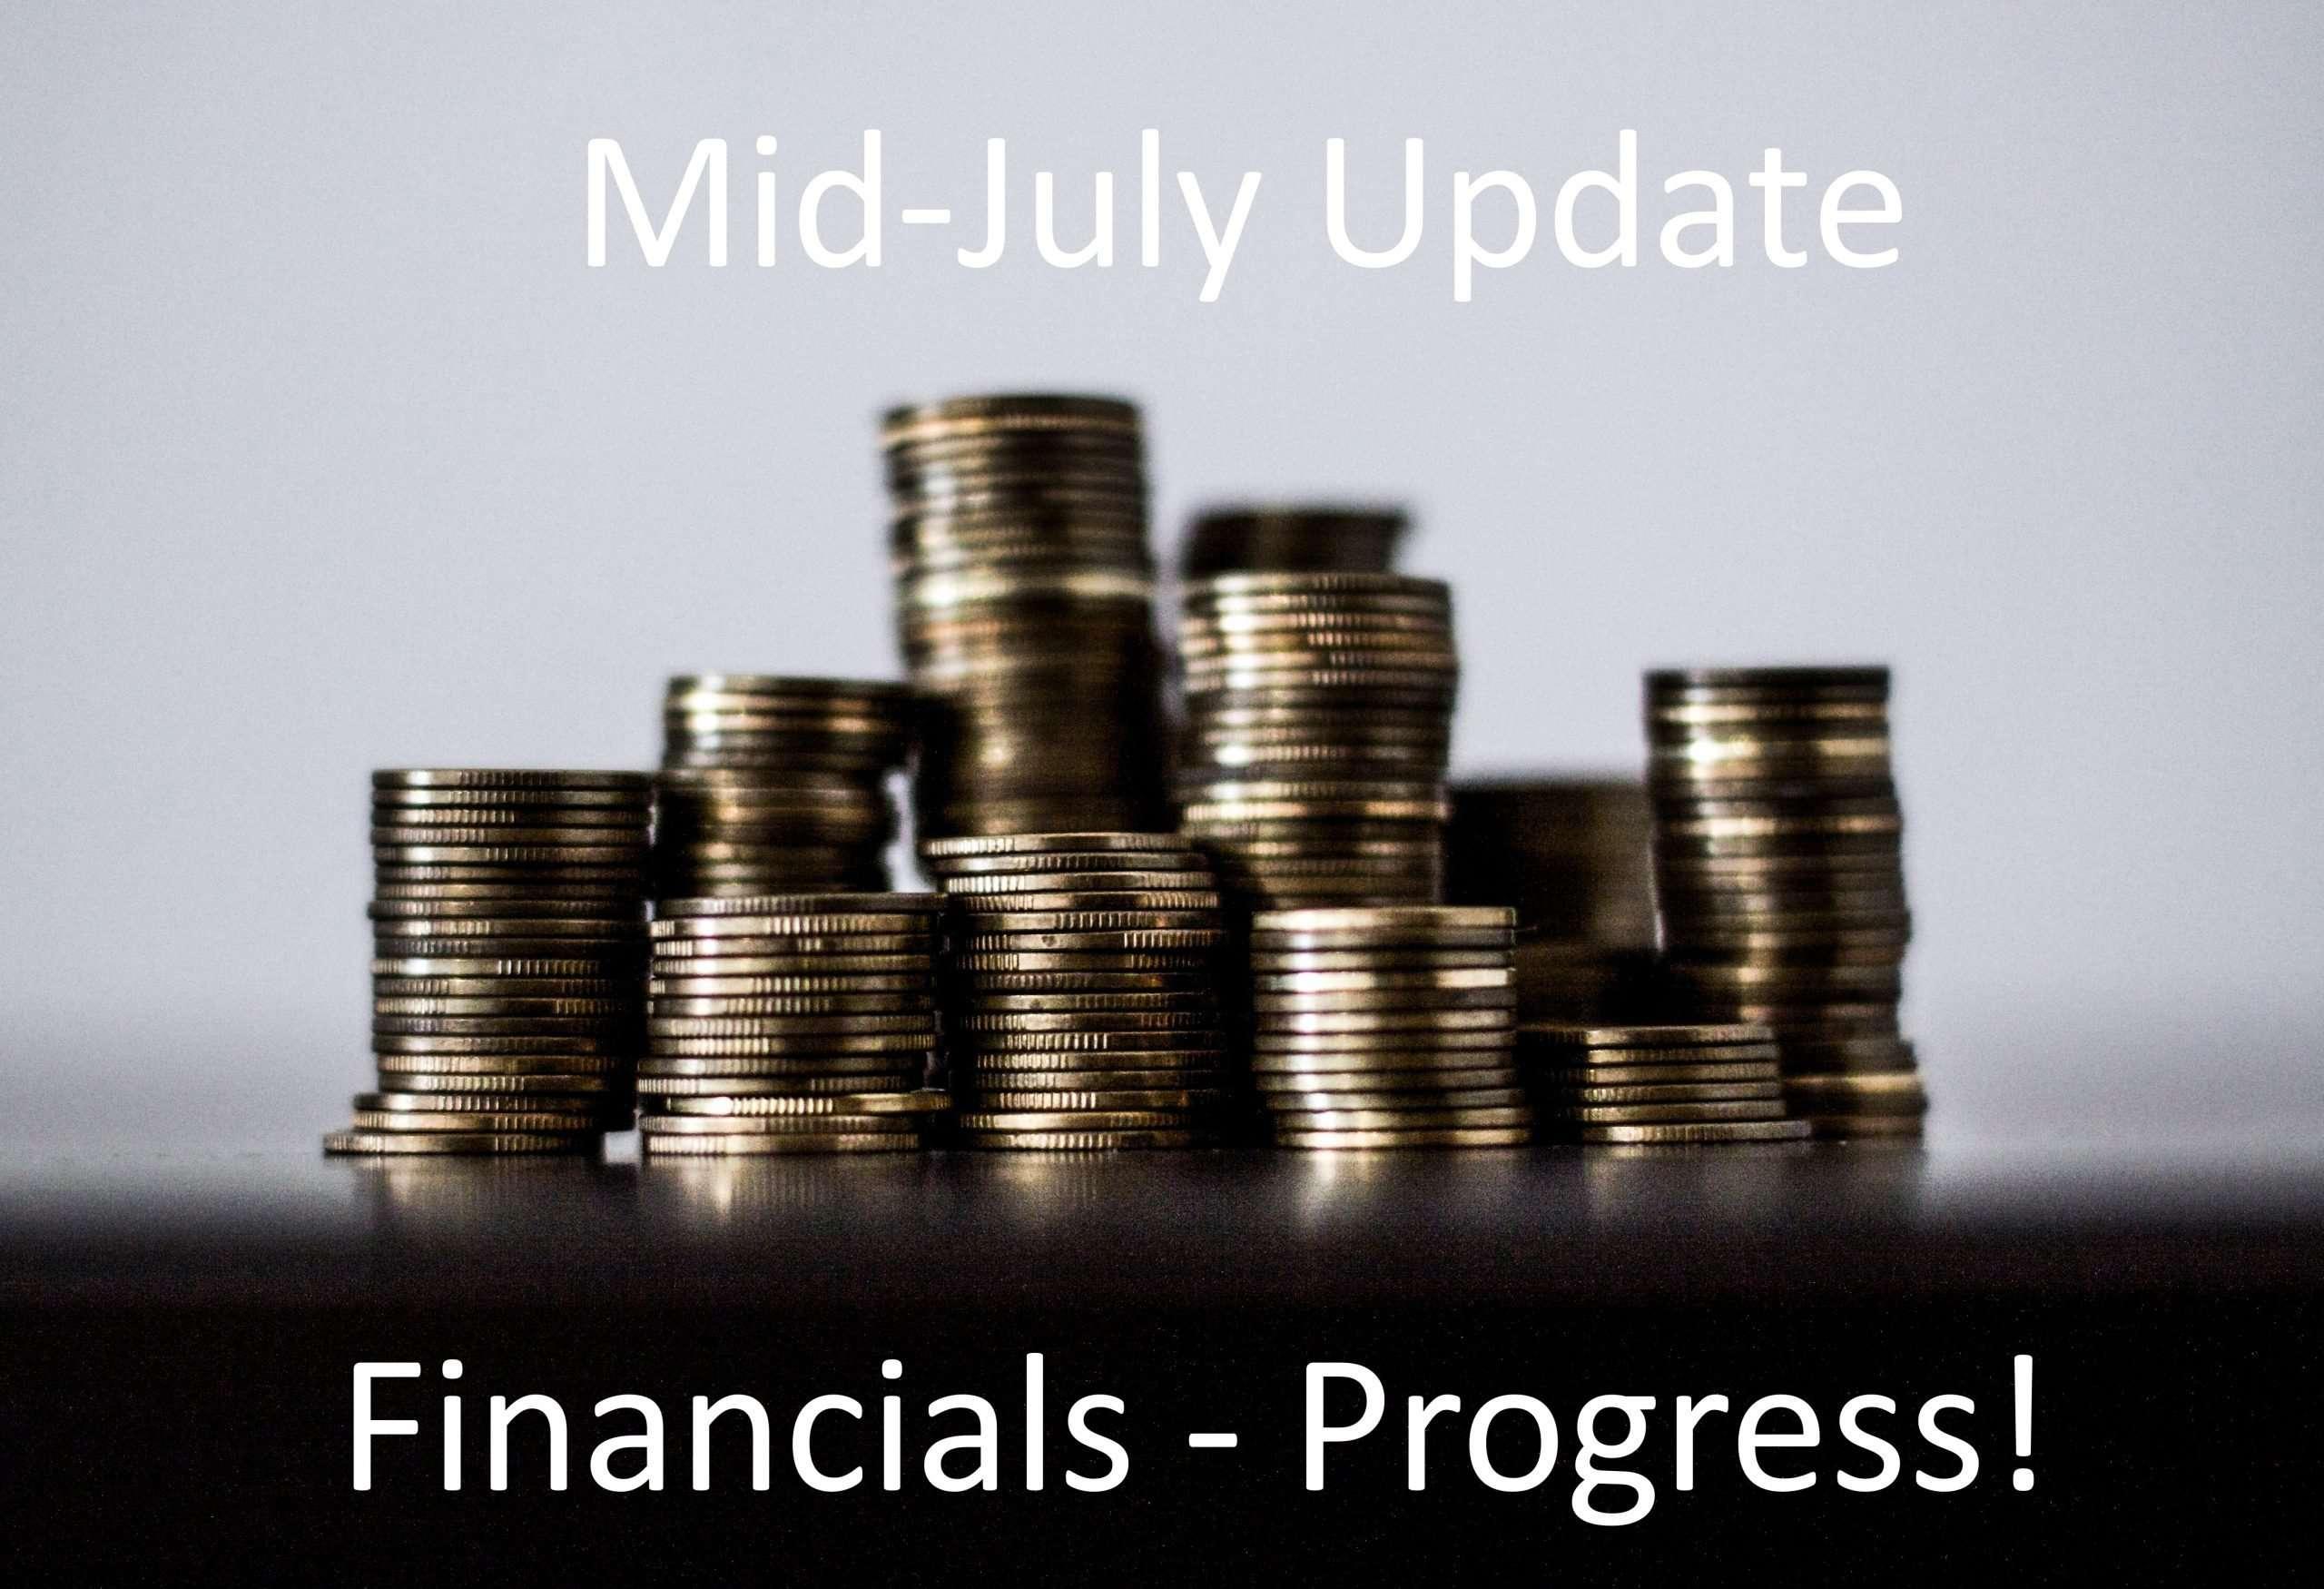 Mid-July Financials